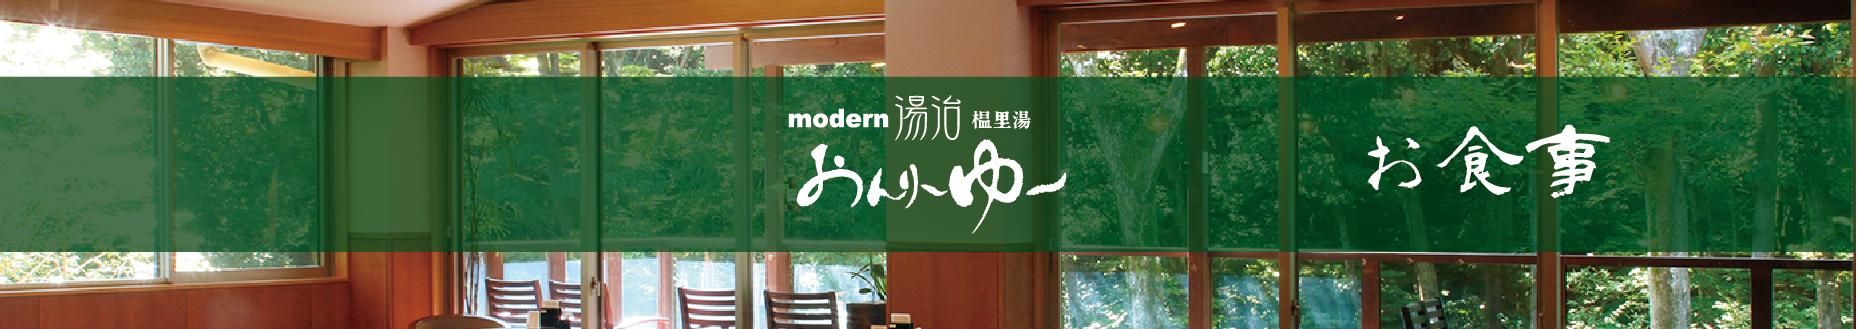 神奈川県南足柄、小田原、箱根 バイキング お食事(新)